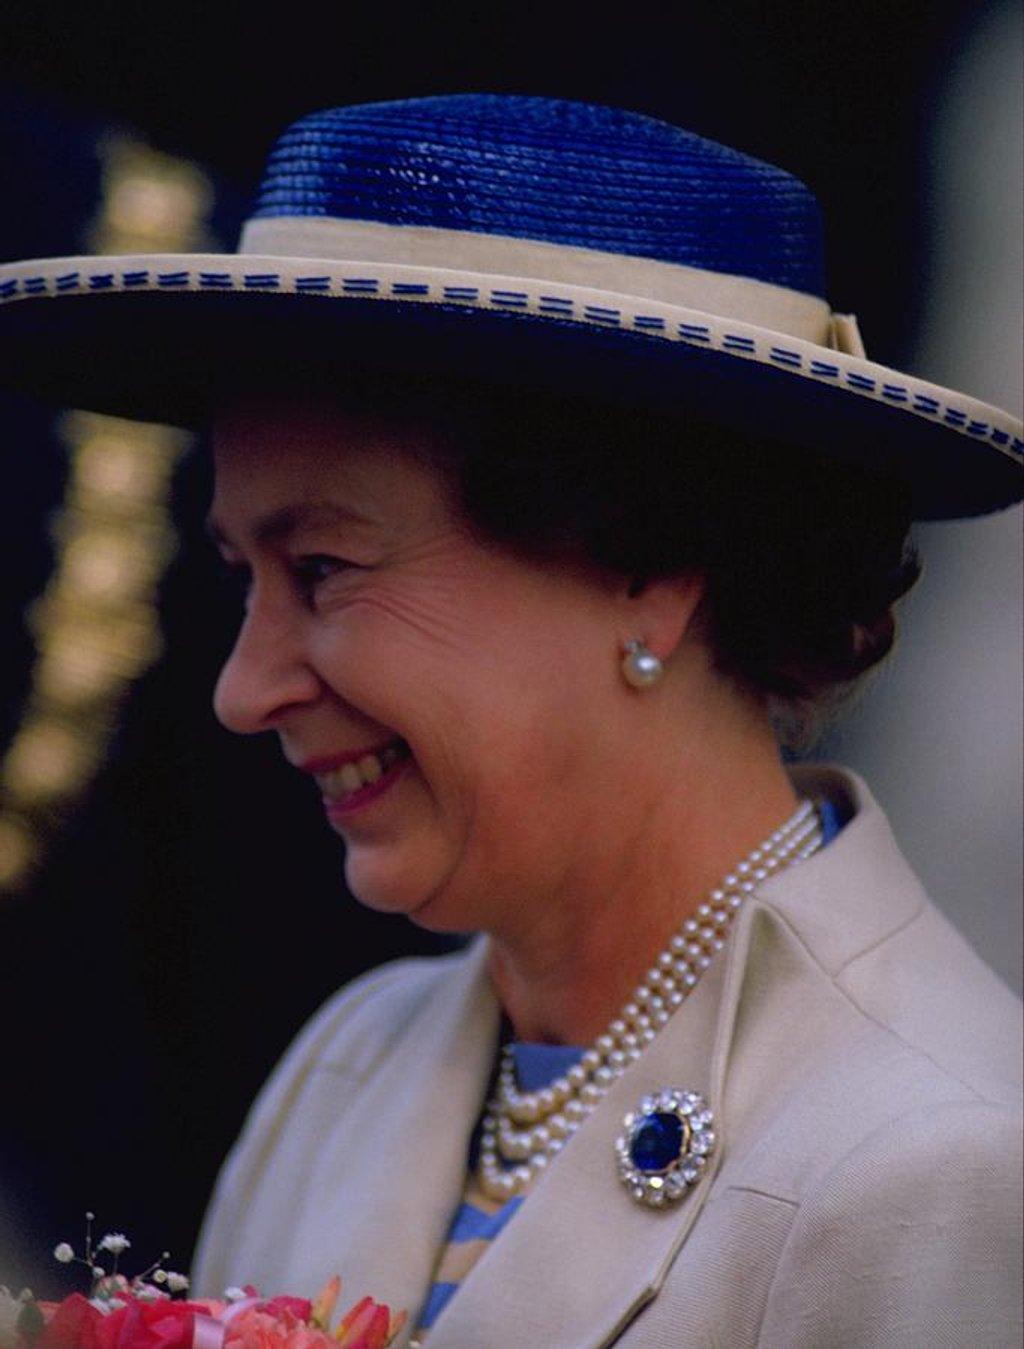 109 Queen Elizabeth II by travel